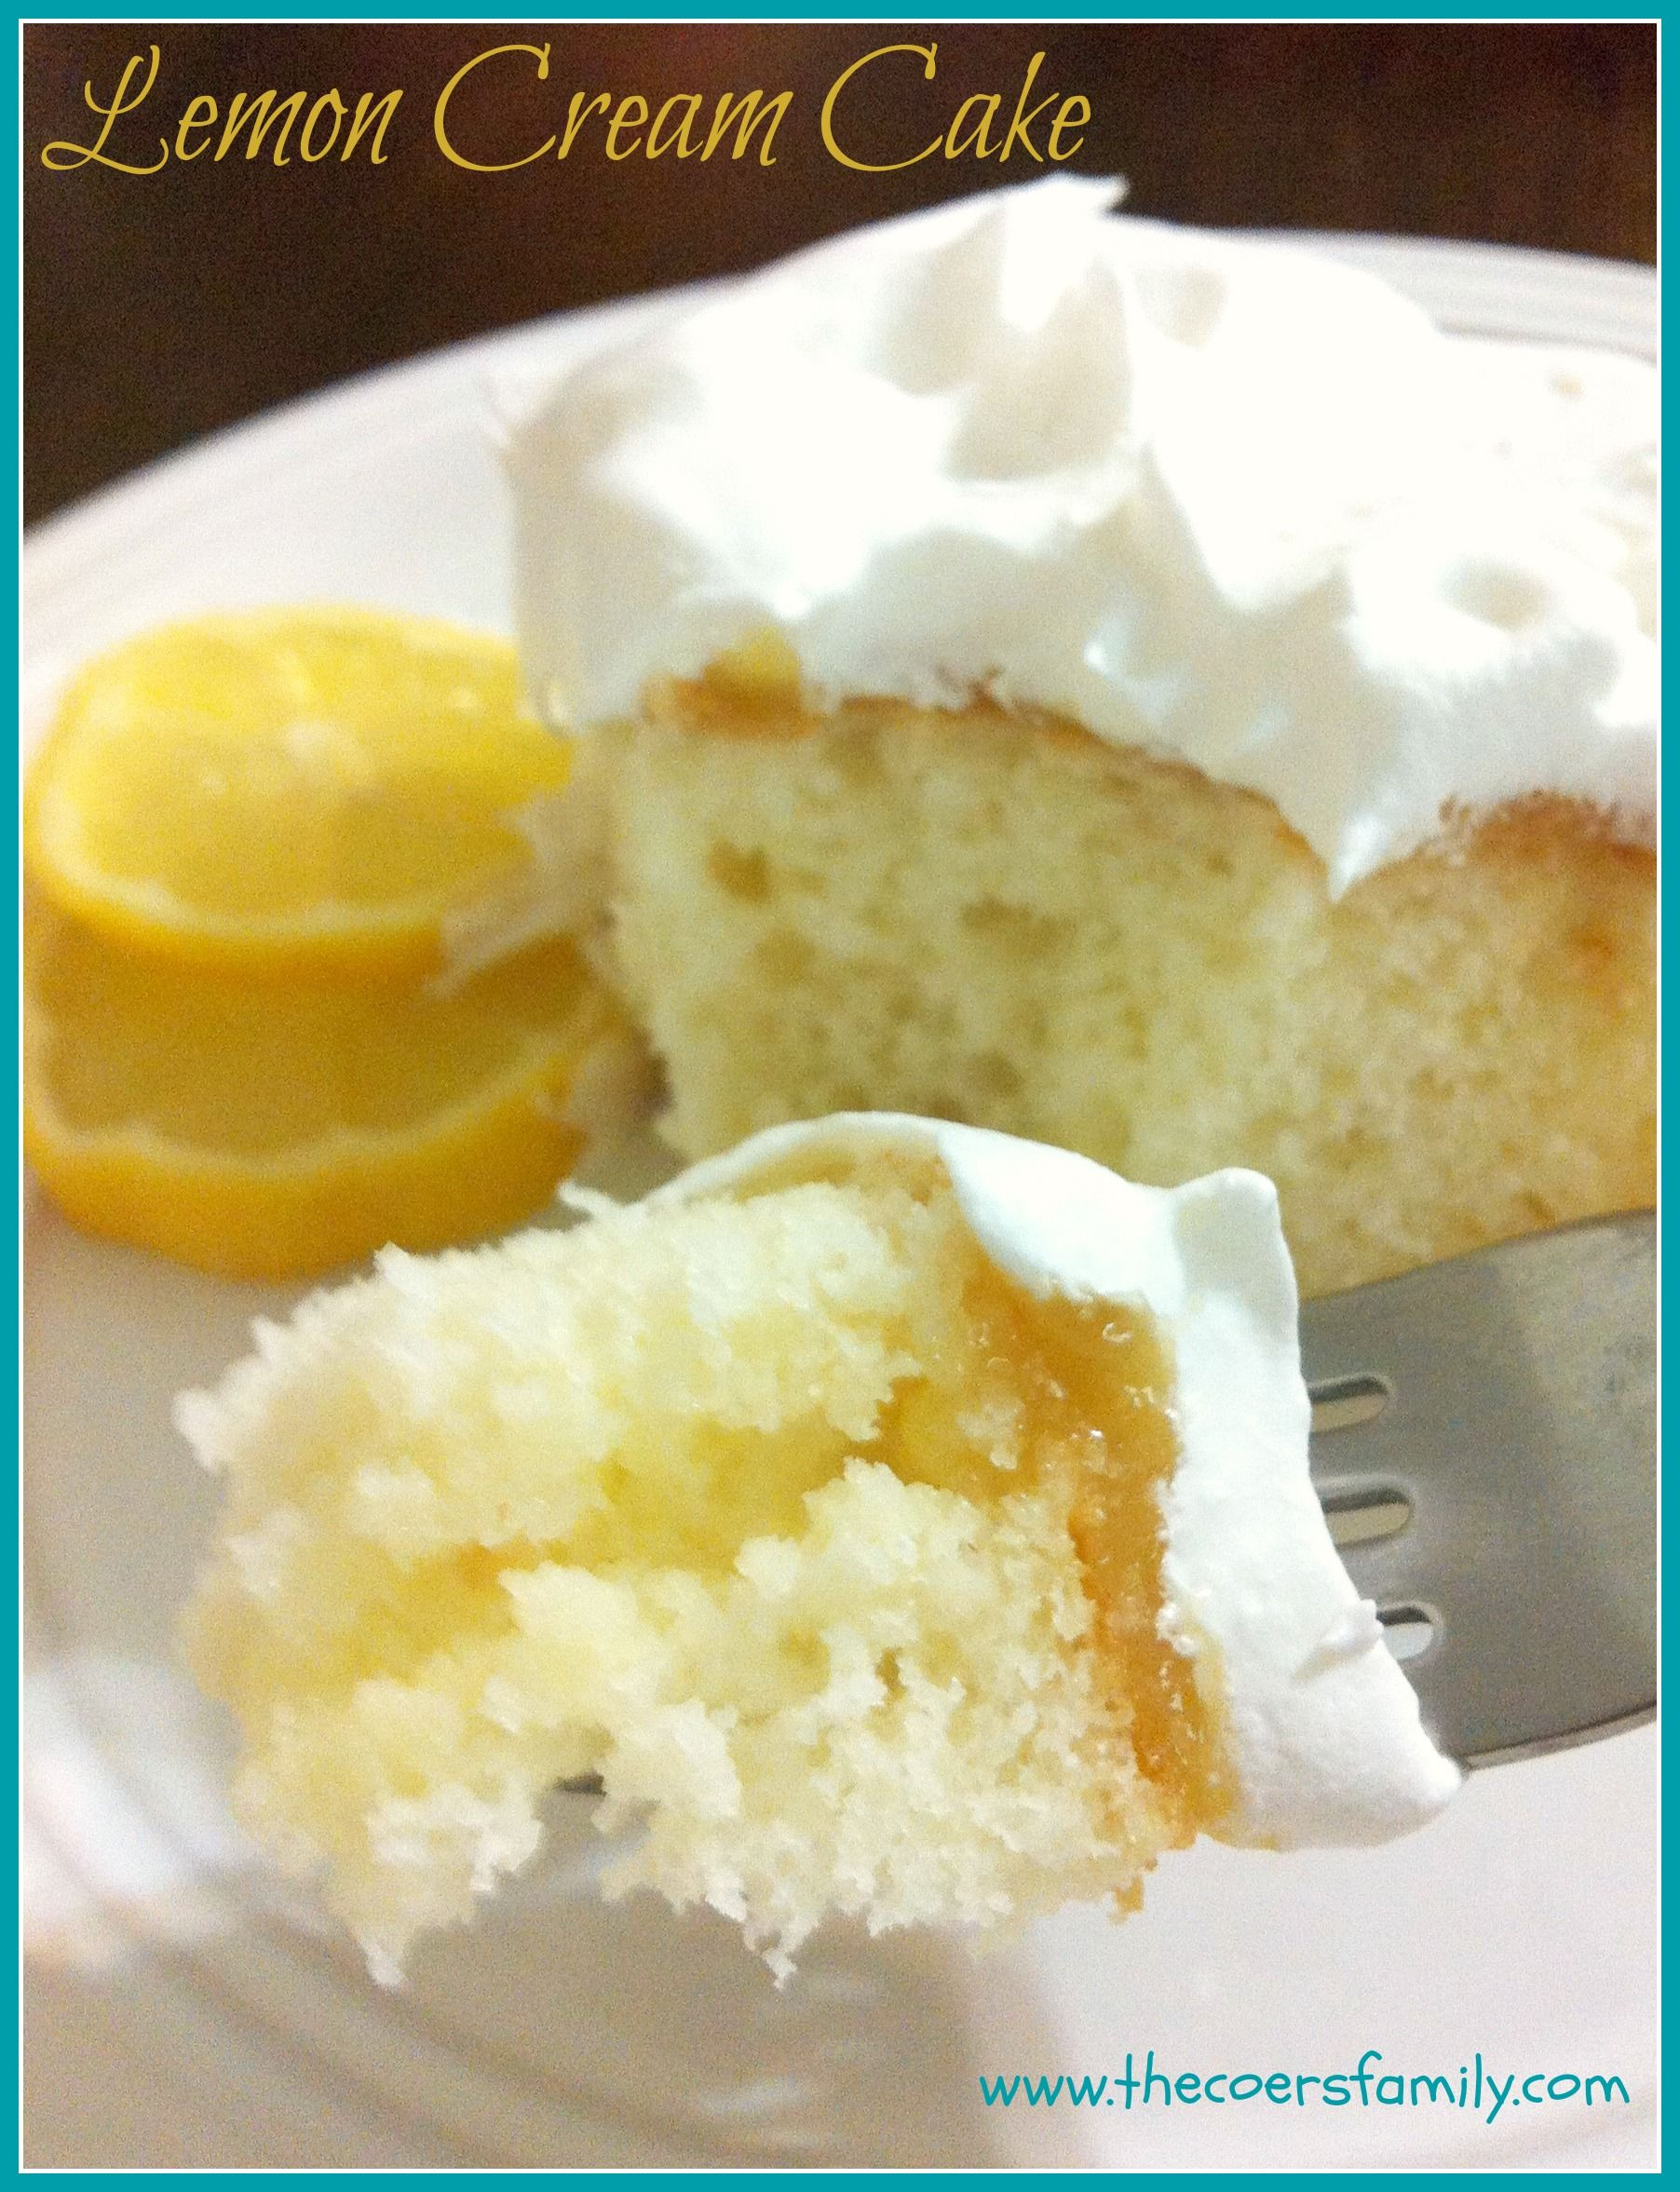 Lemon-Poke-Cake.jpg (1804×2354)